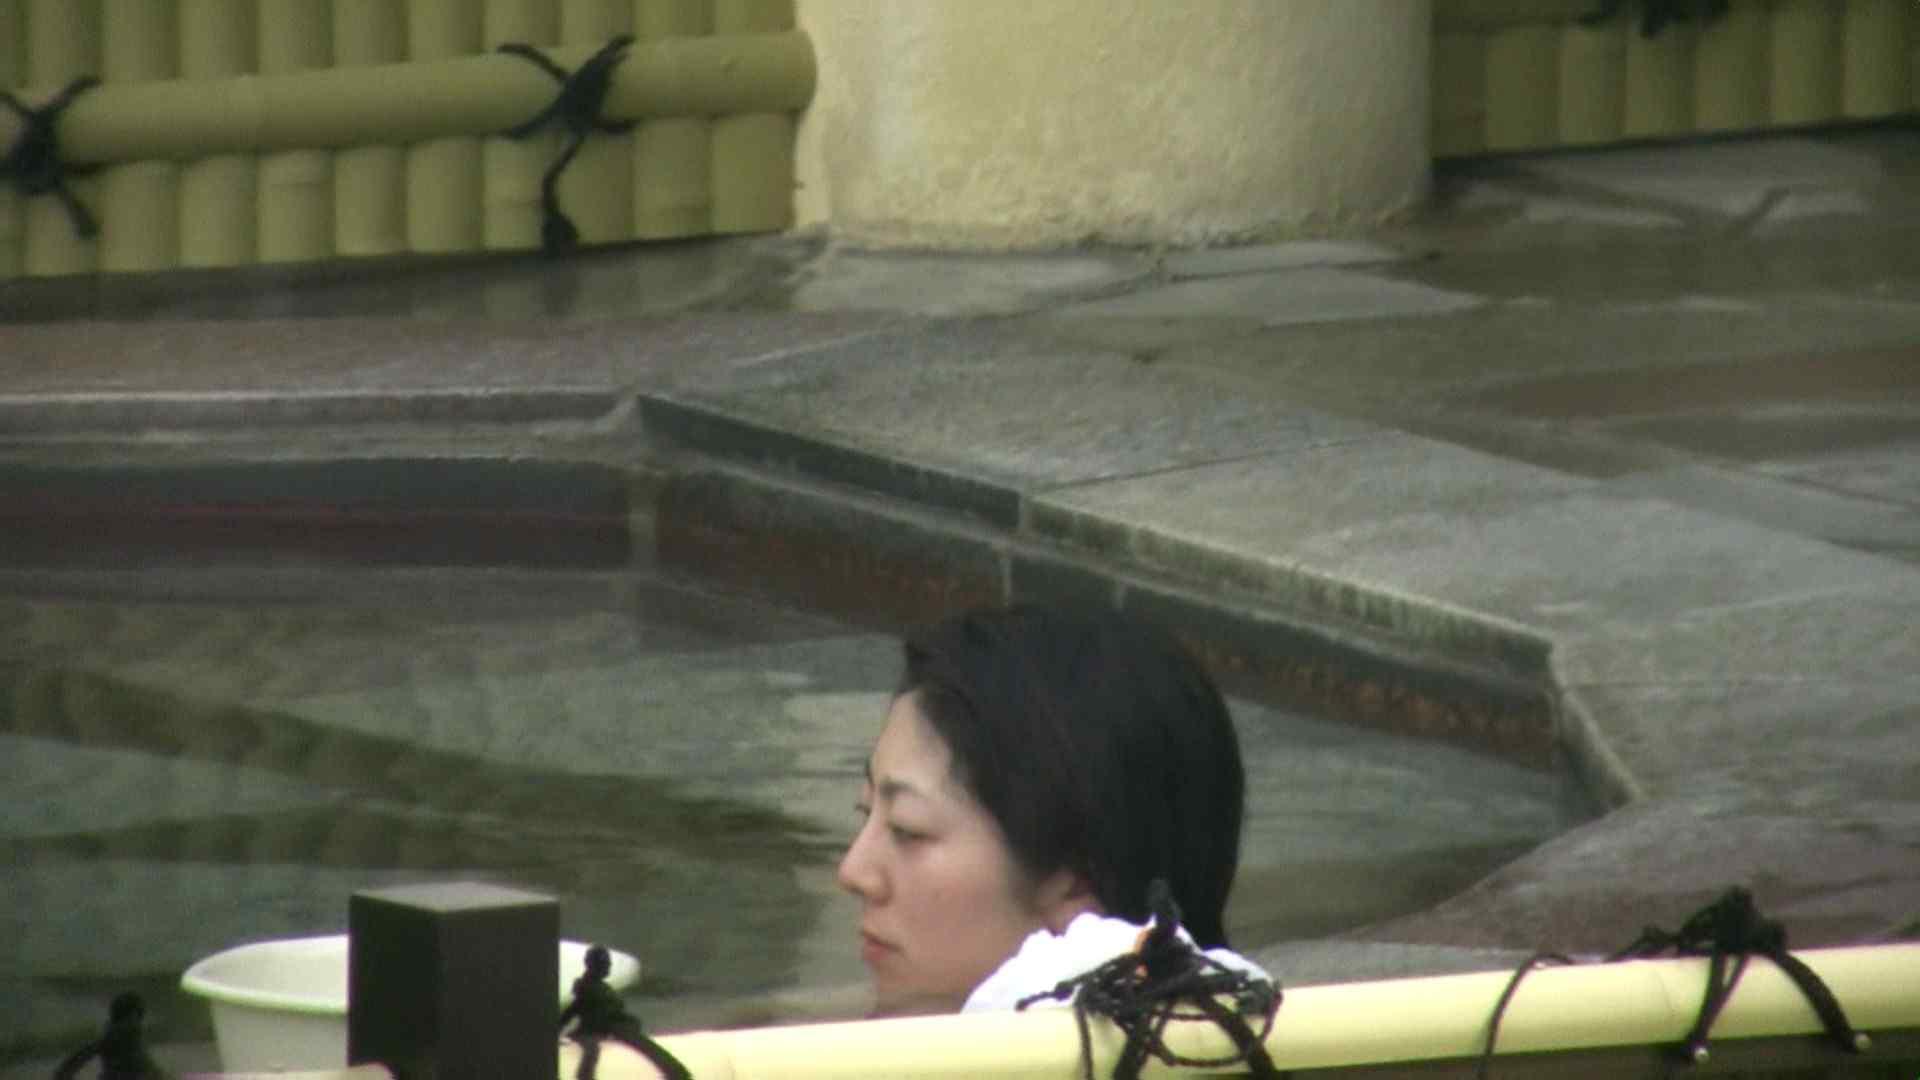 Aquaな露天風呂Vol.04 OLのエロ生活  32連発 27